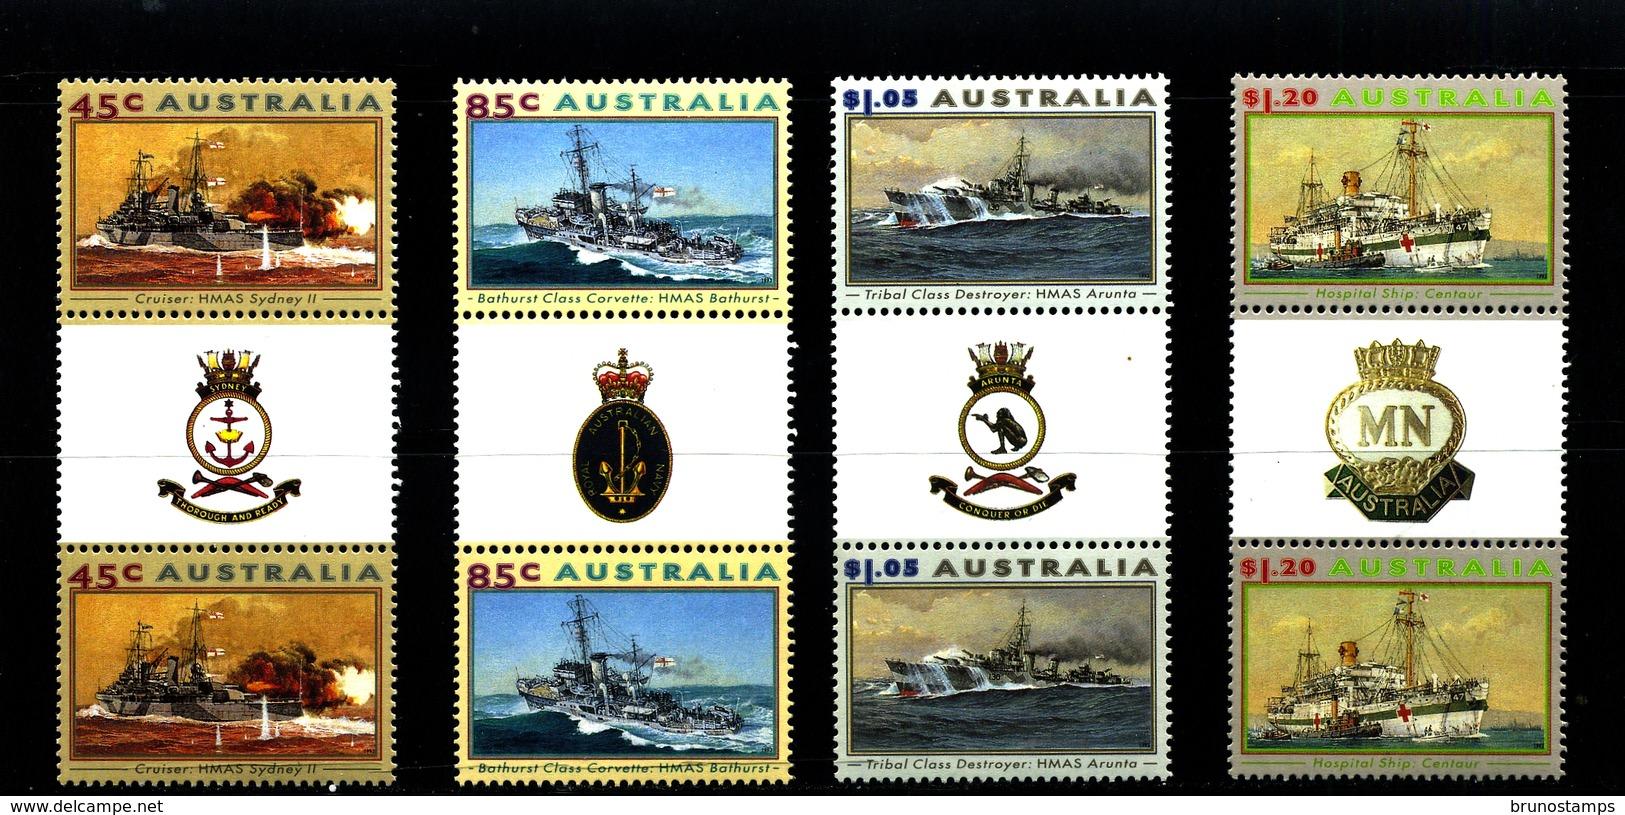 AUSTRALIA - 1993  NAVAL  WAR VESSEL  SET   UNFOLDED  GUTTER PAIRS   MINT NH - 1990-99 Elizabeth II